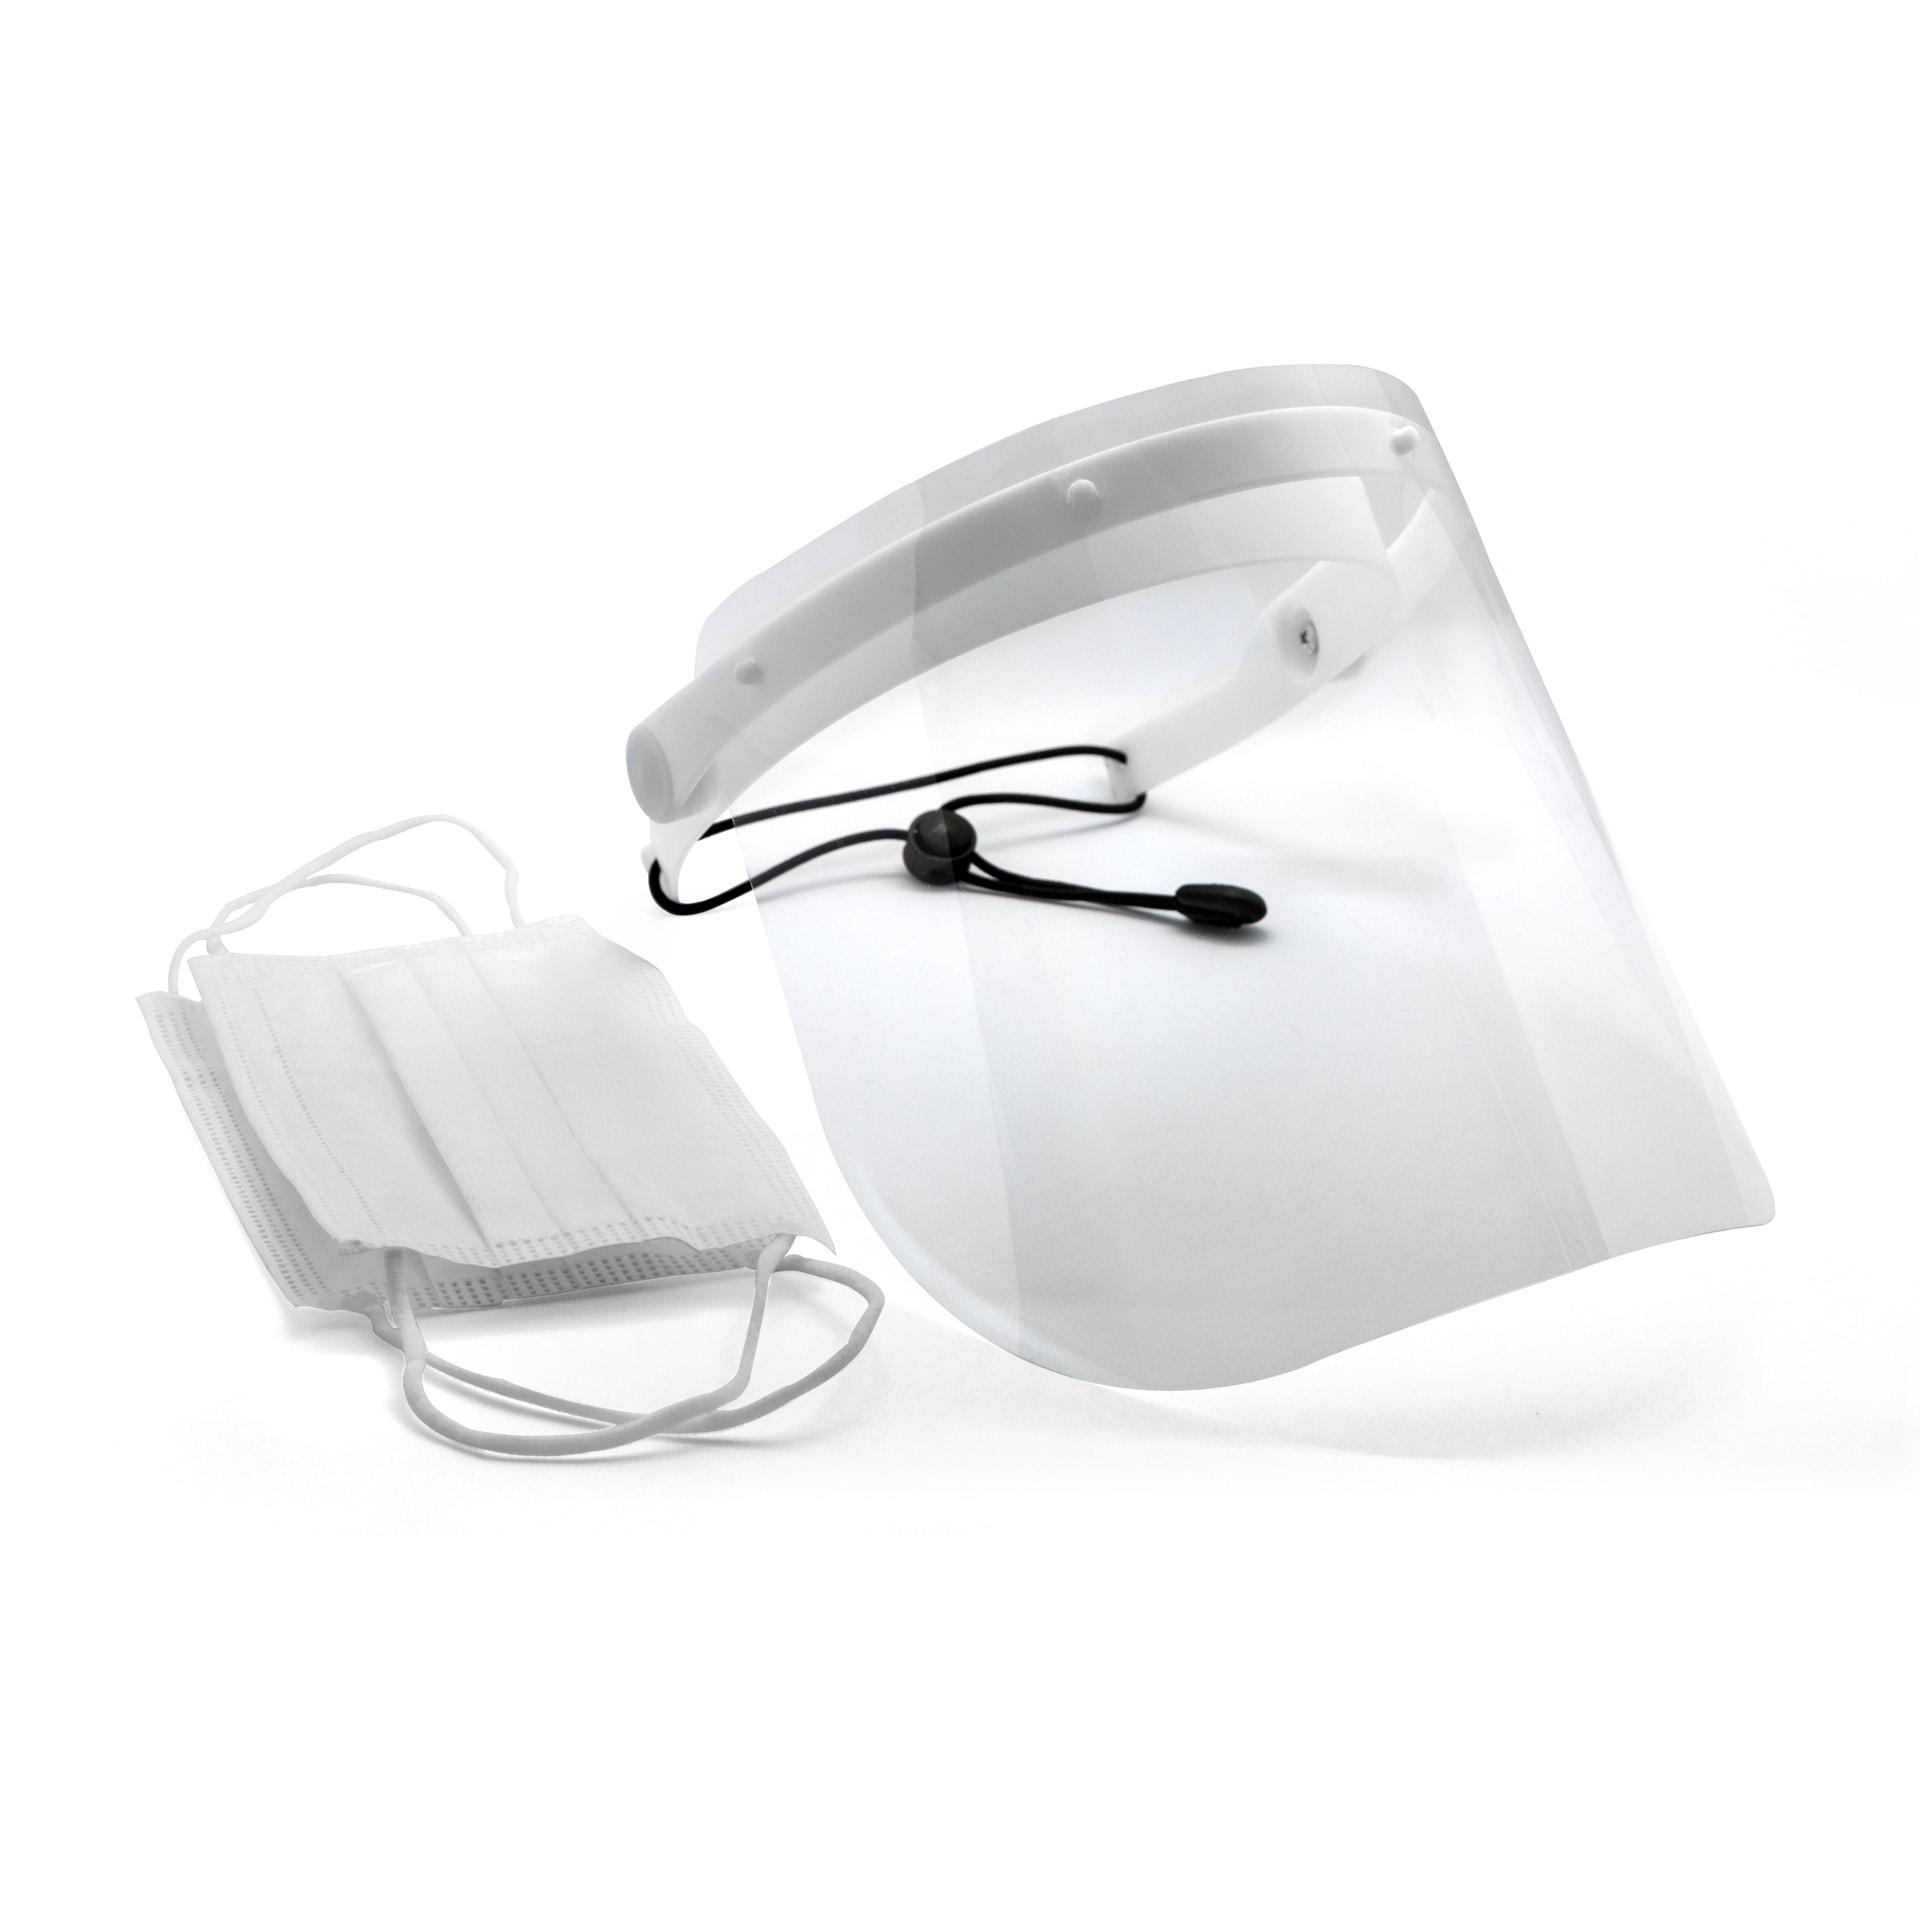 Bundle Gesichtsschutz E mit 50 Stück medizinischen Einwegmasken Typ IIR